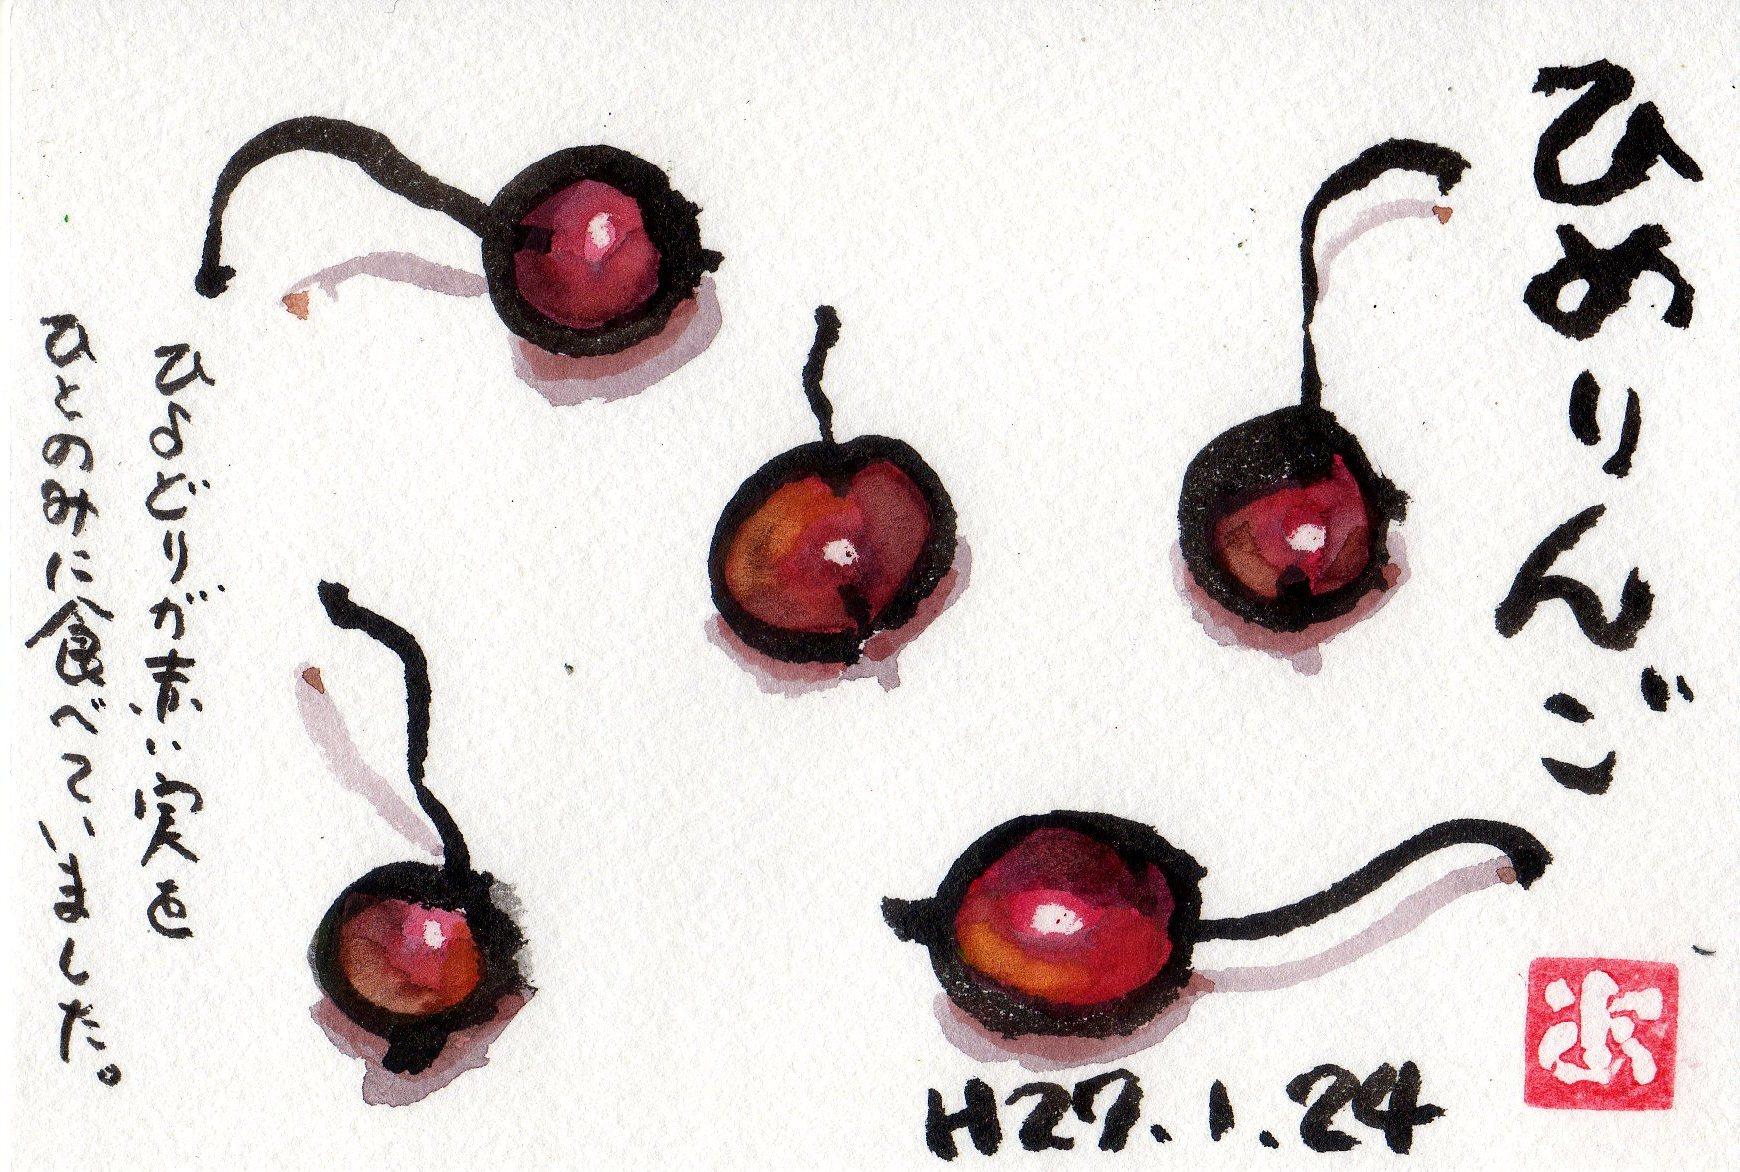 今年もヒメリンゴを描きました_e0232277_952538.jpg